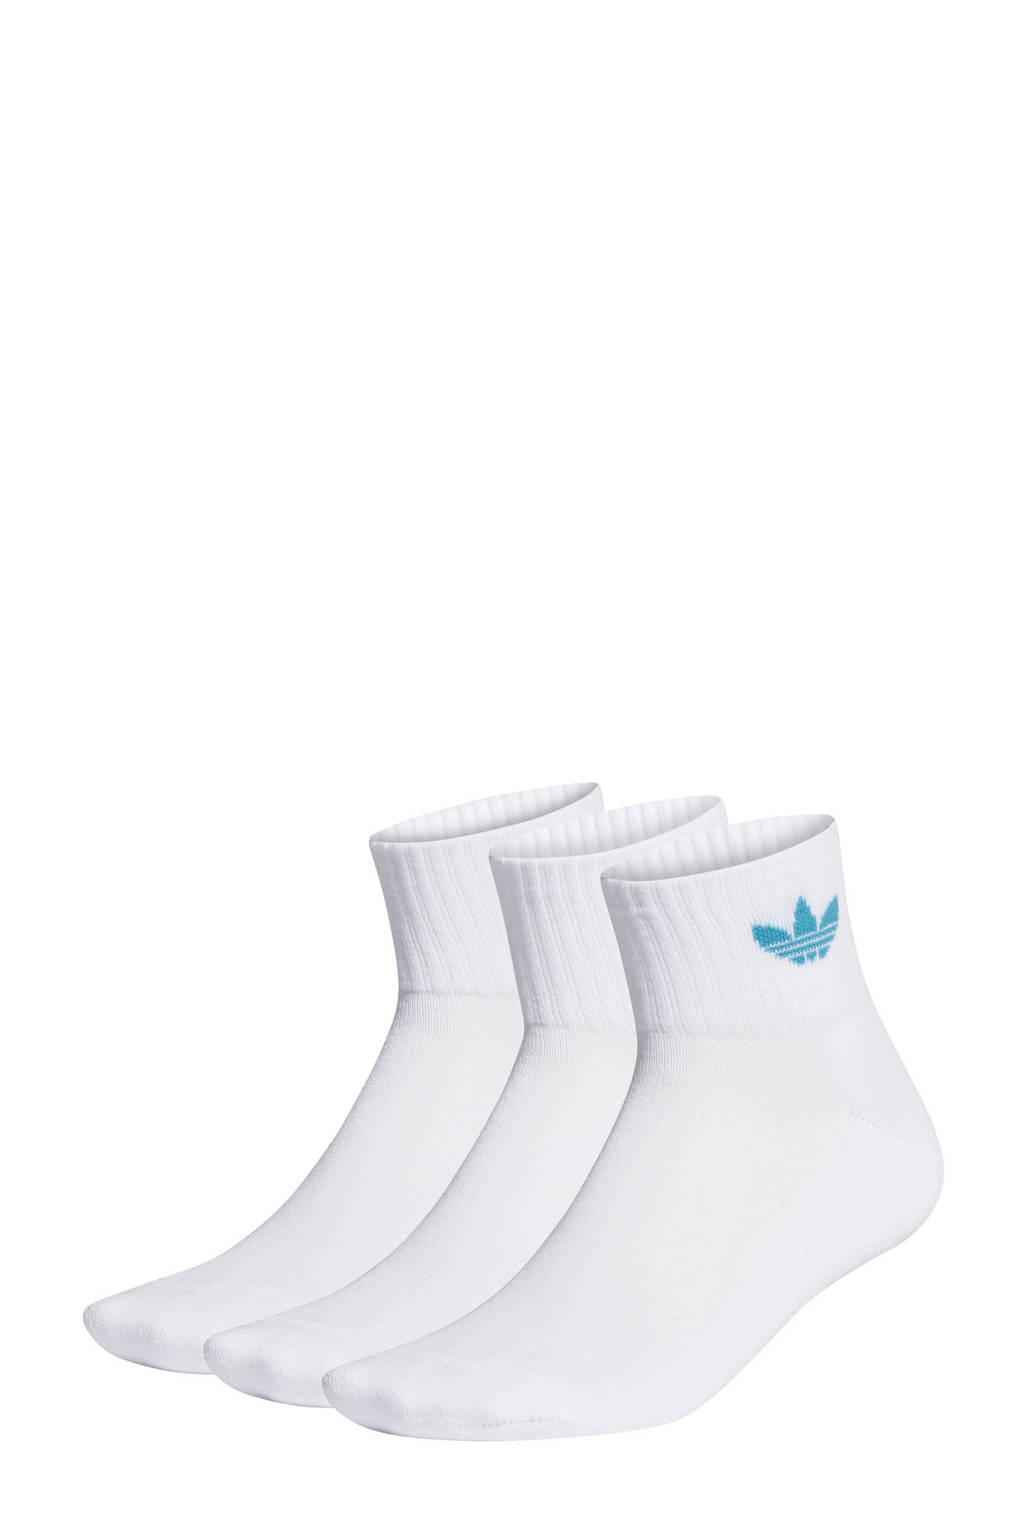 adidas Originals sportsokken - set van 3 wit, Wit